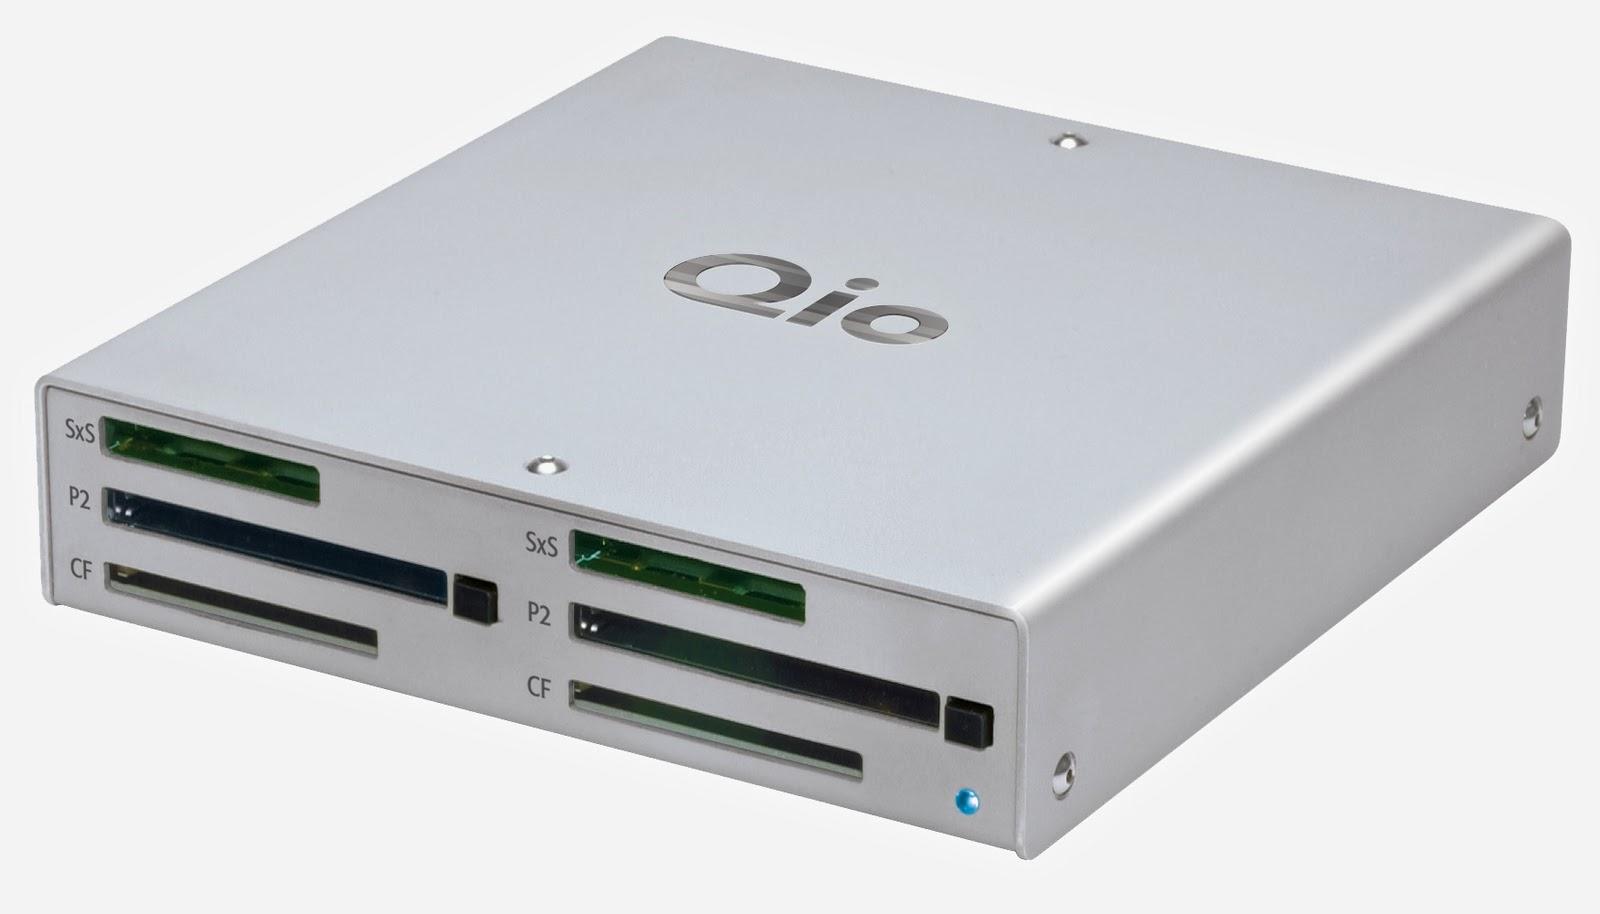 Sonnet Technologies Qio